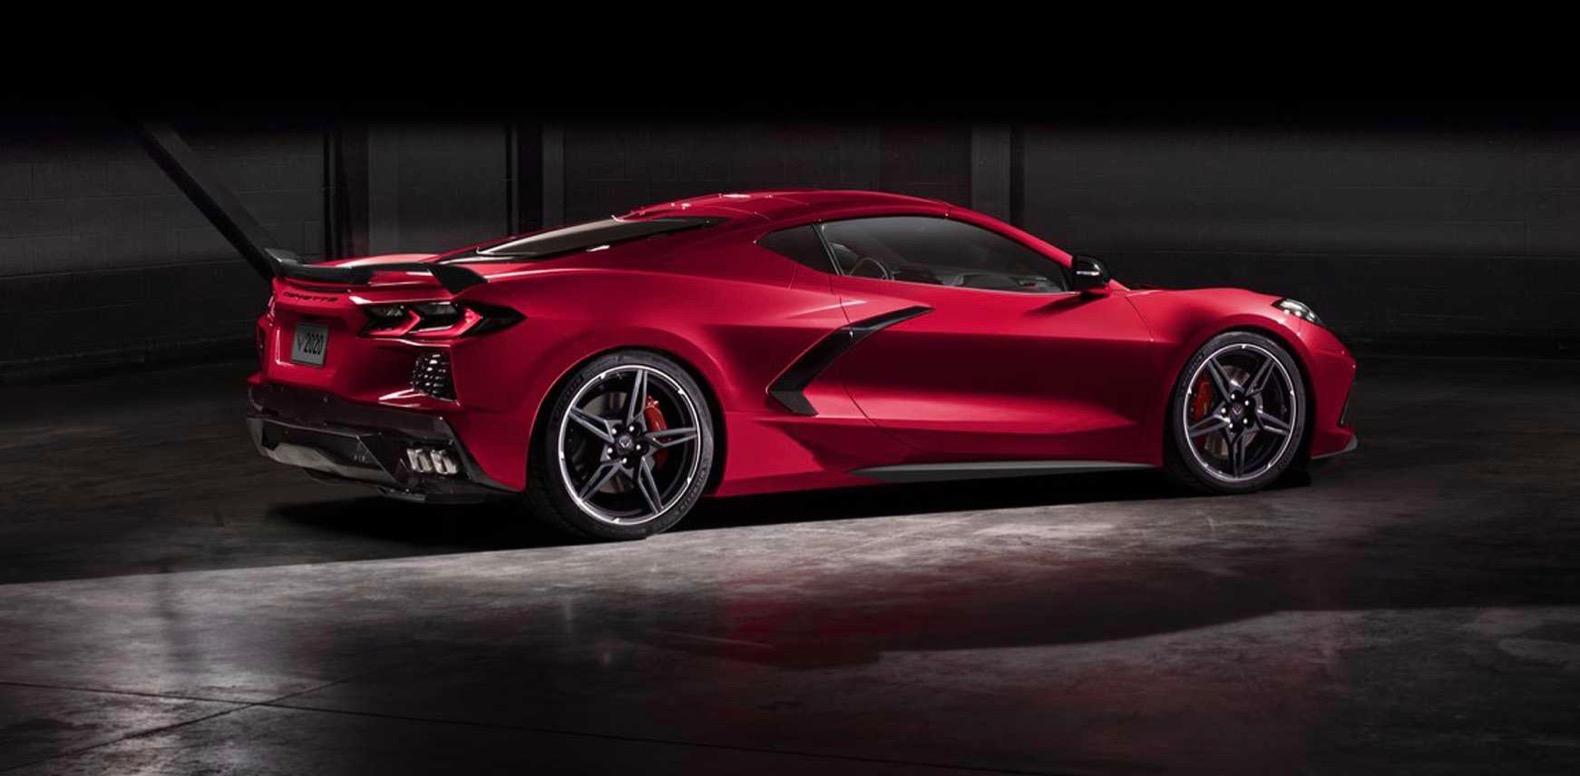 2020 Chevy C8 Corvette Stingray leaked! | The Torque Report